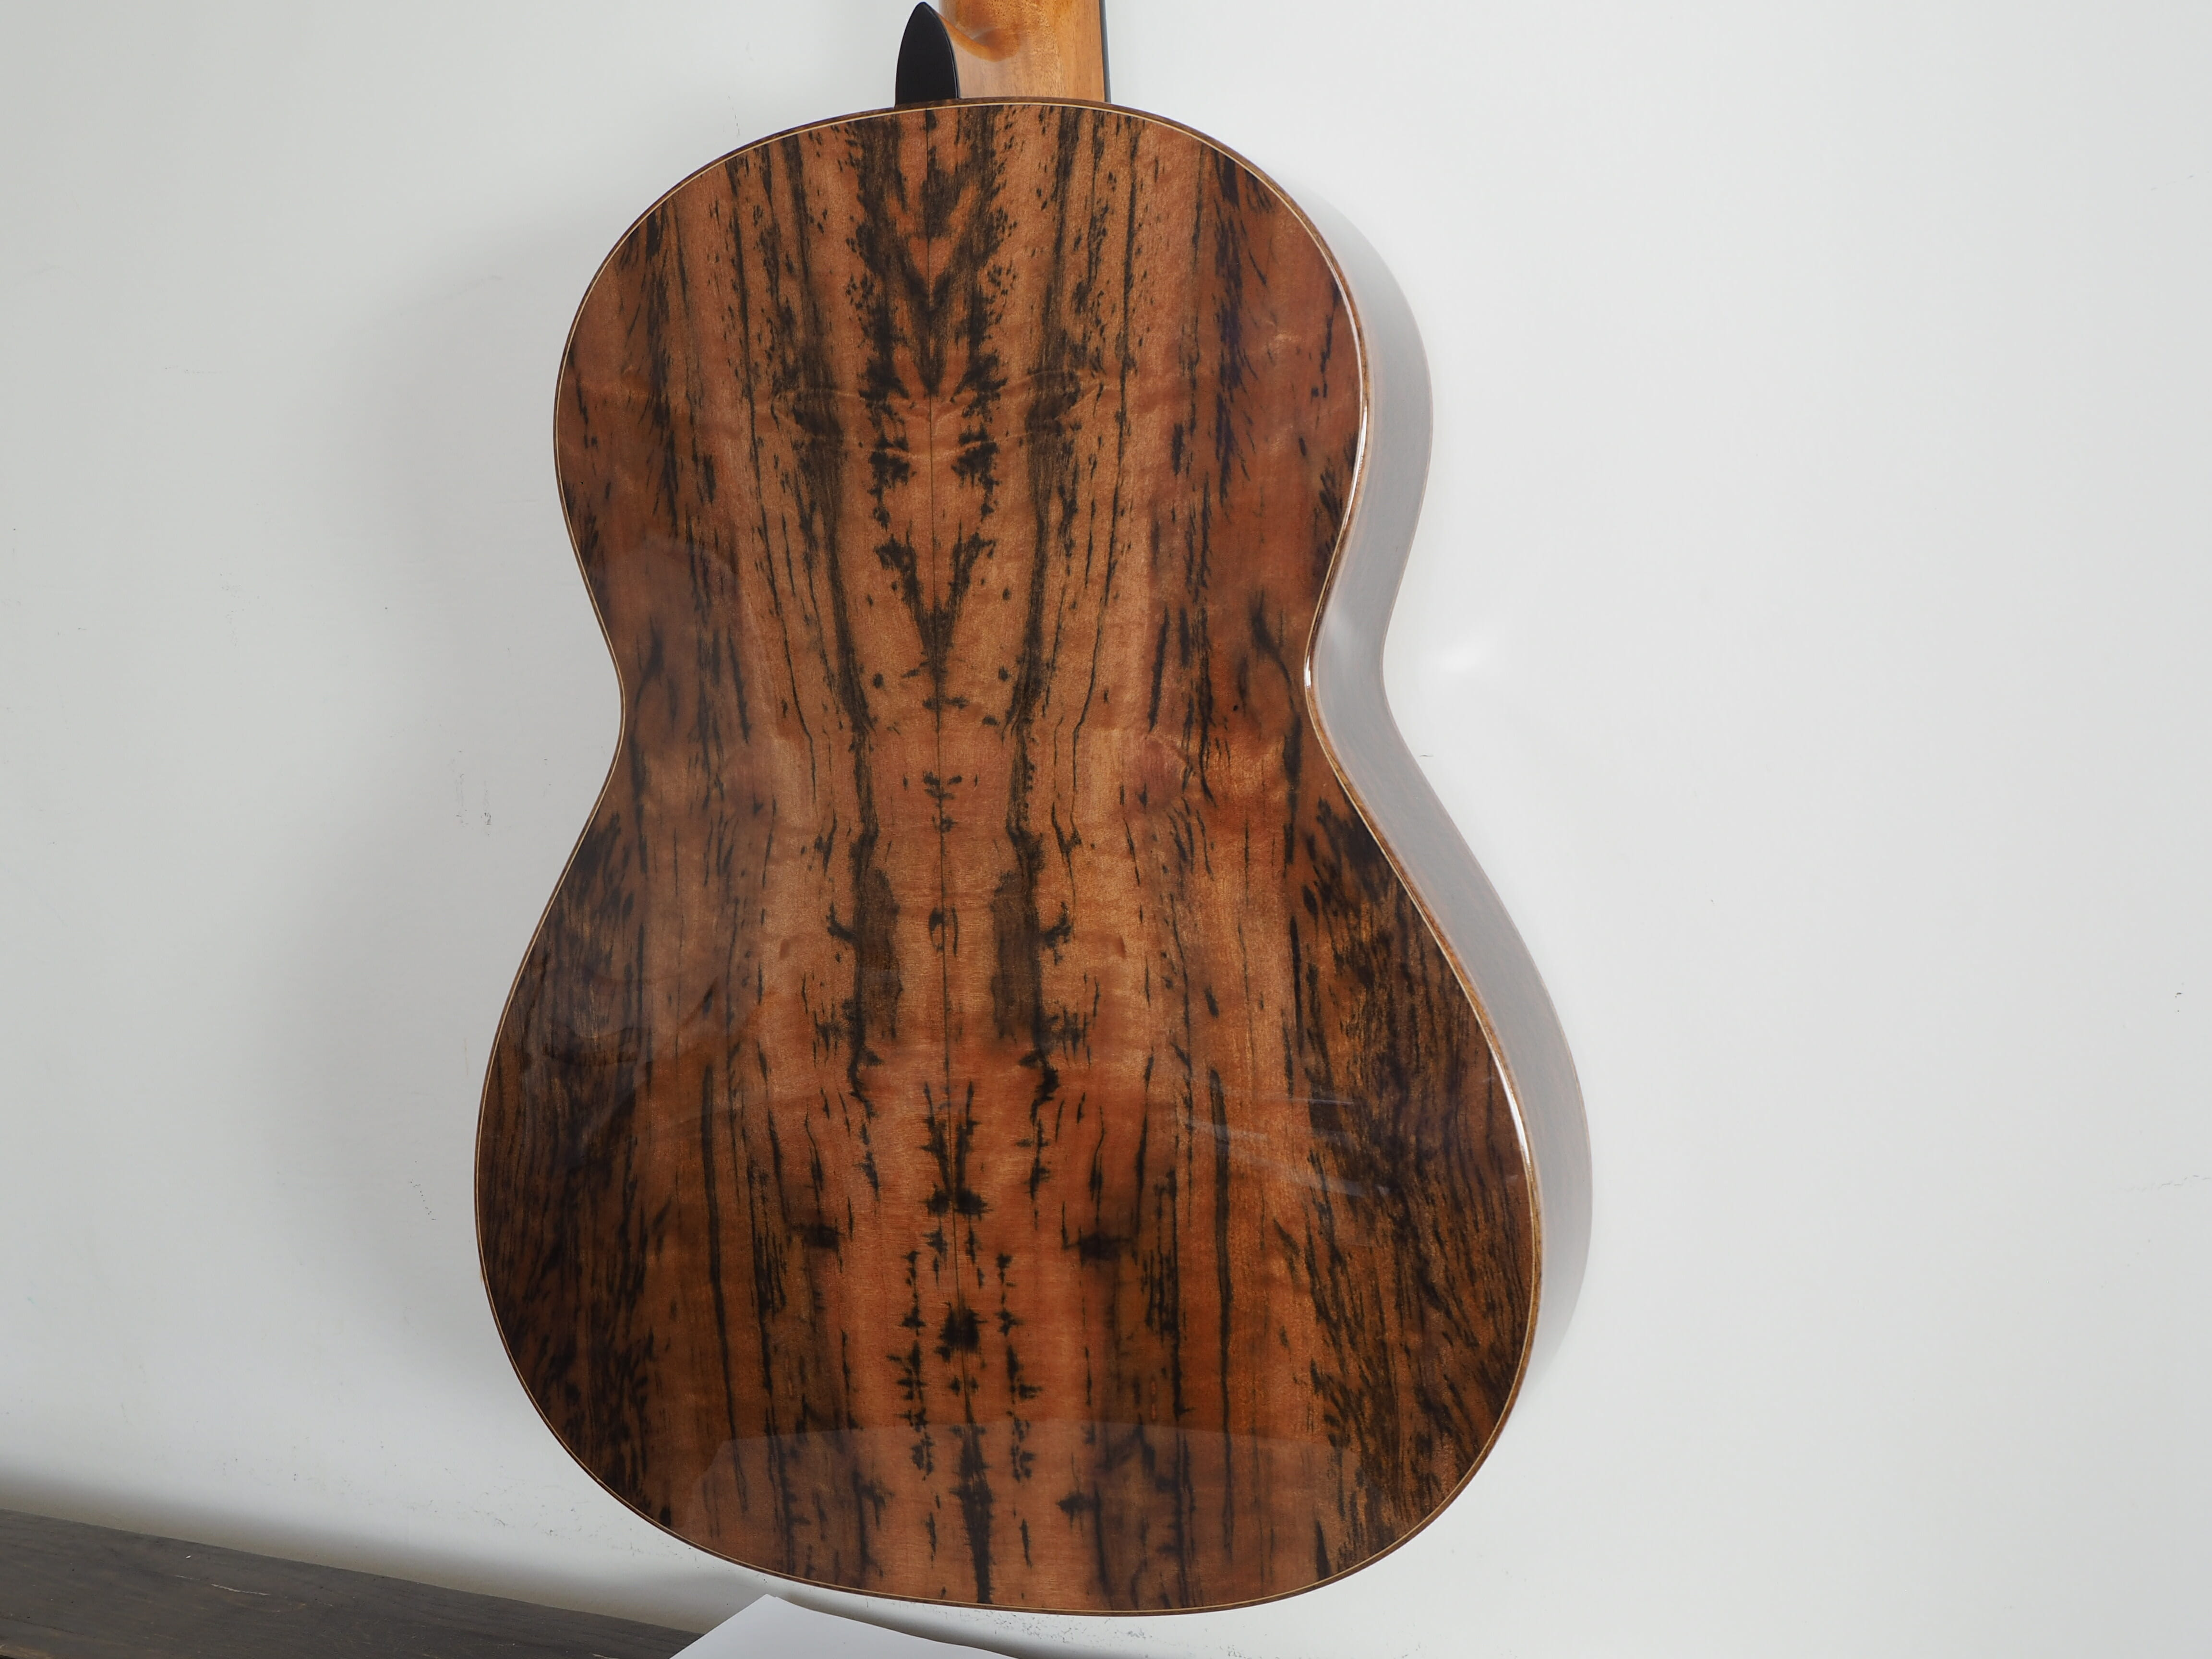 John Price guitare classique lattice